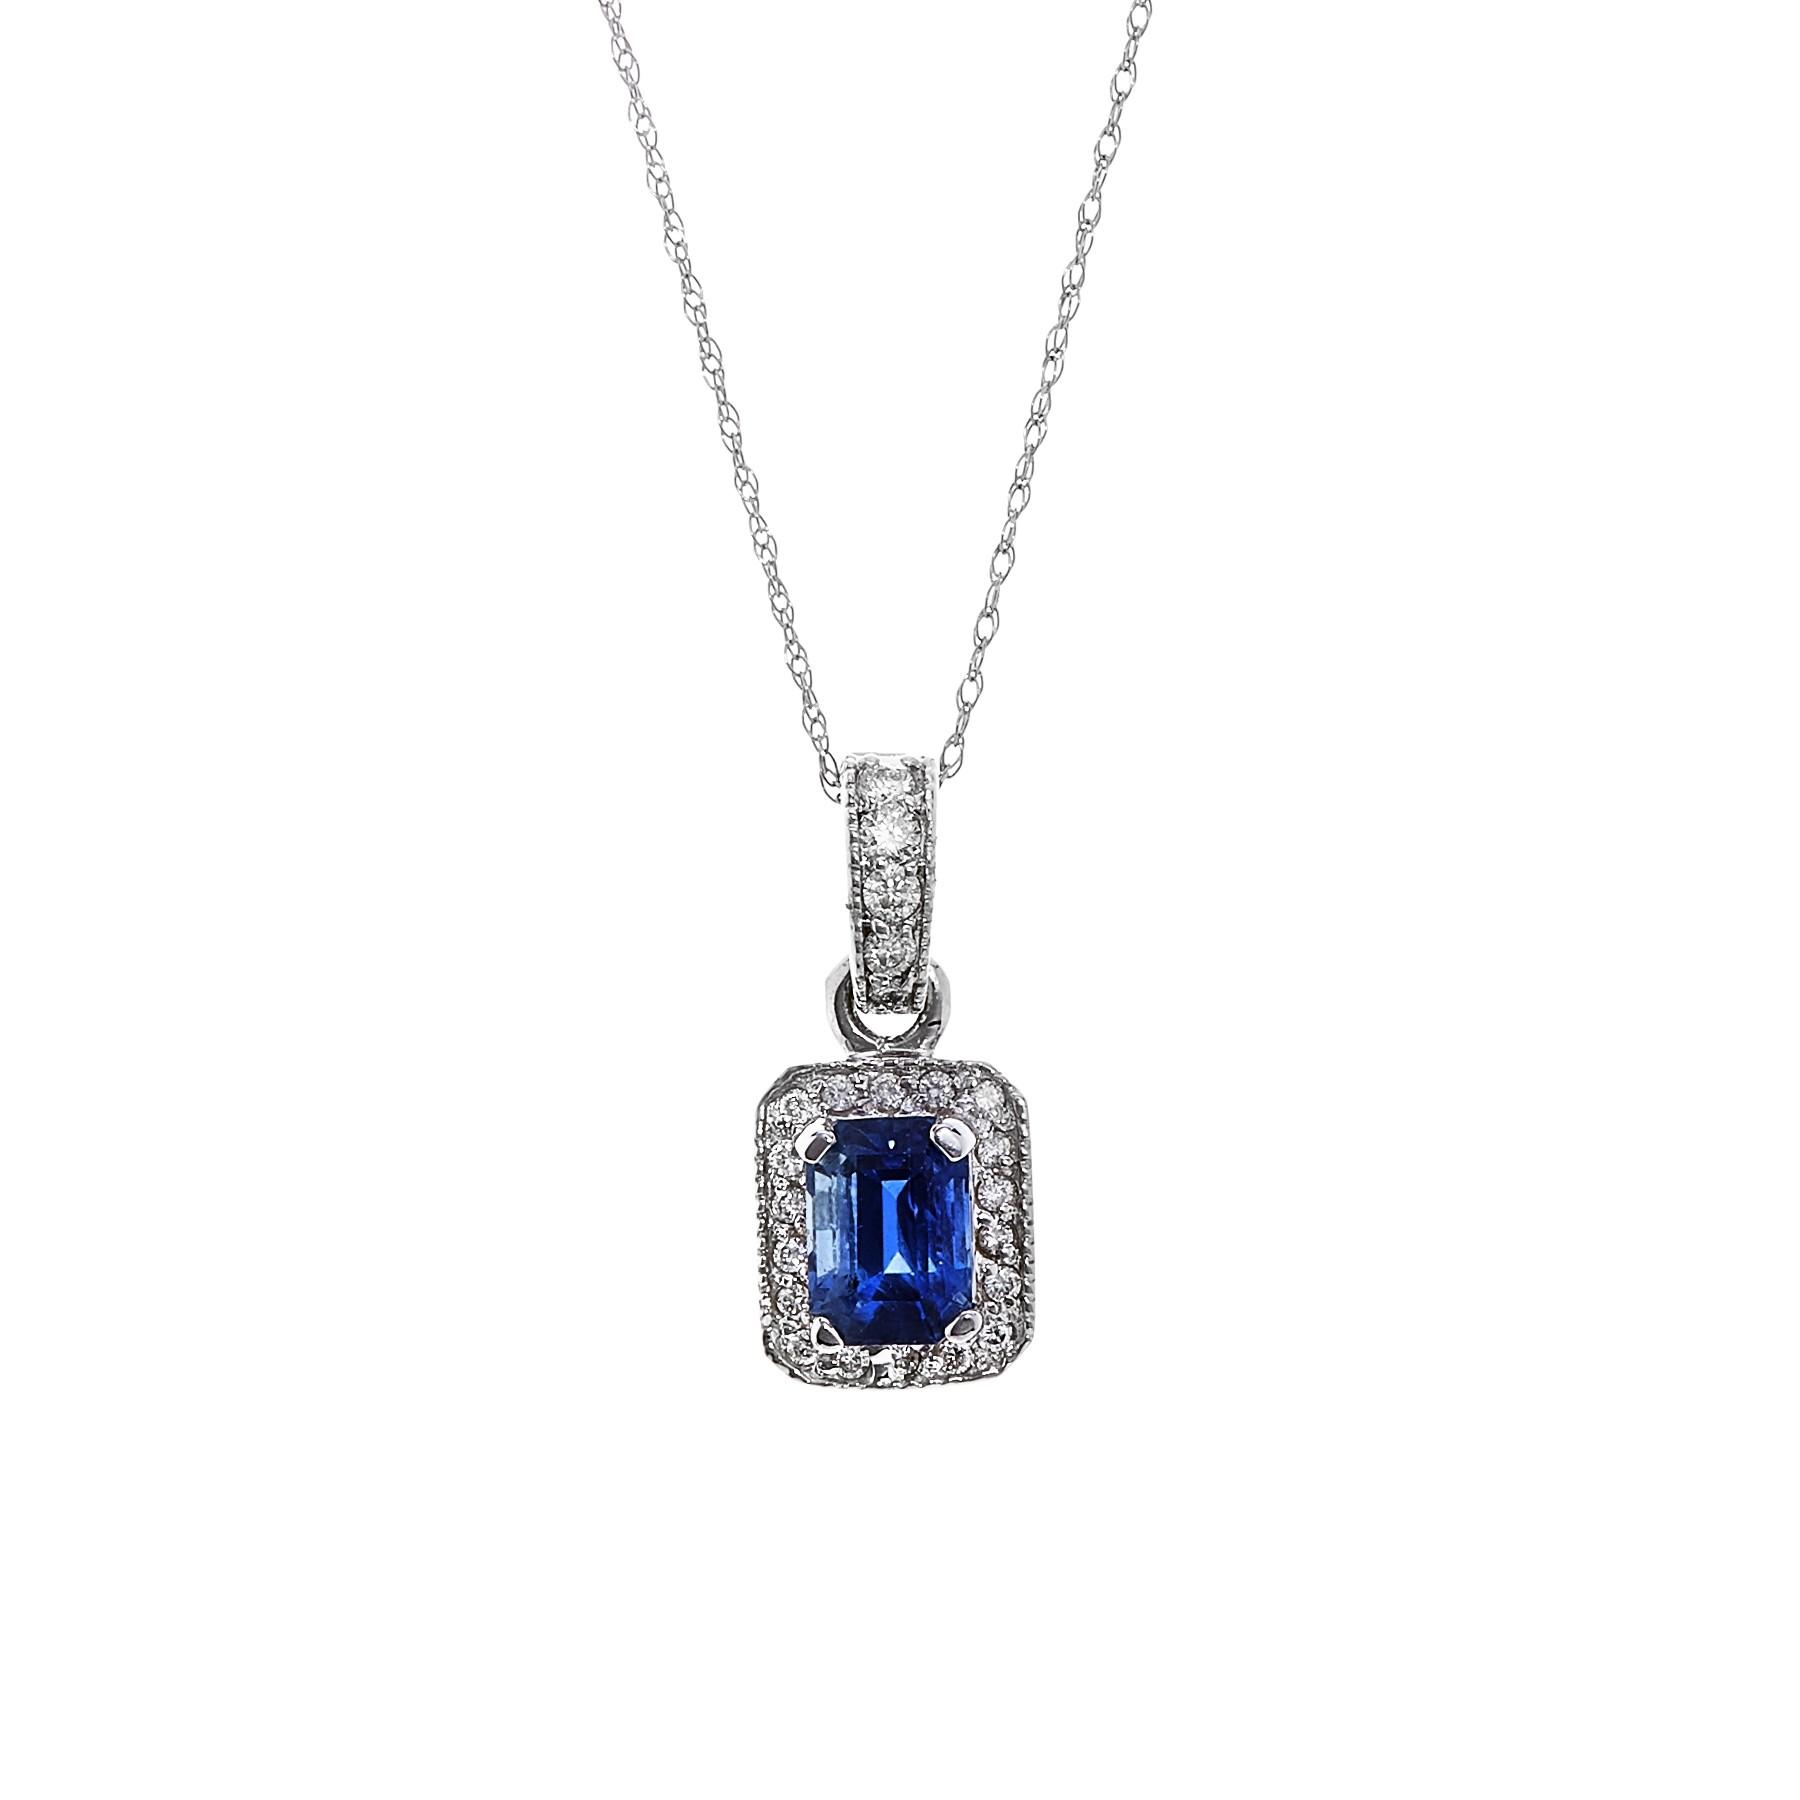 14kw 1.18ct Sapphire and .28ctw Diamond Pendant